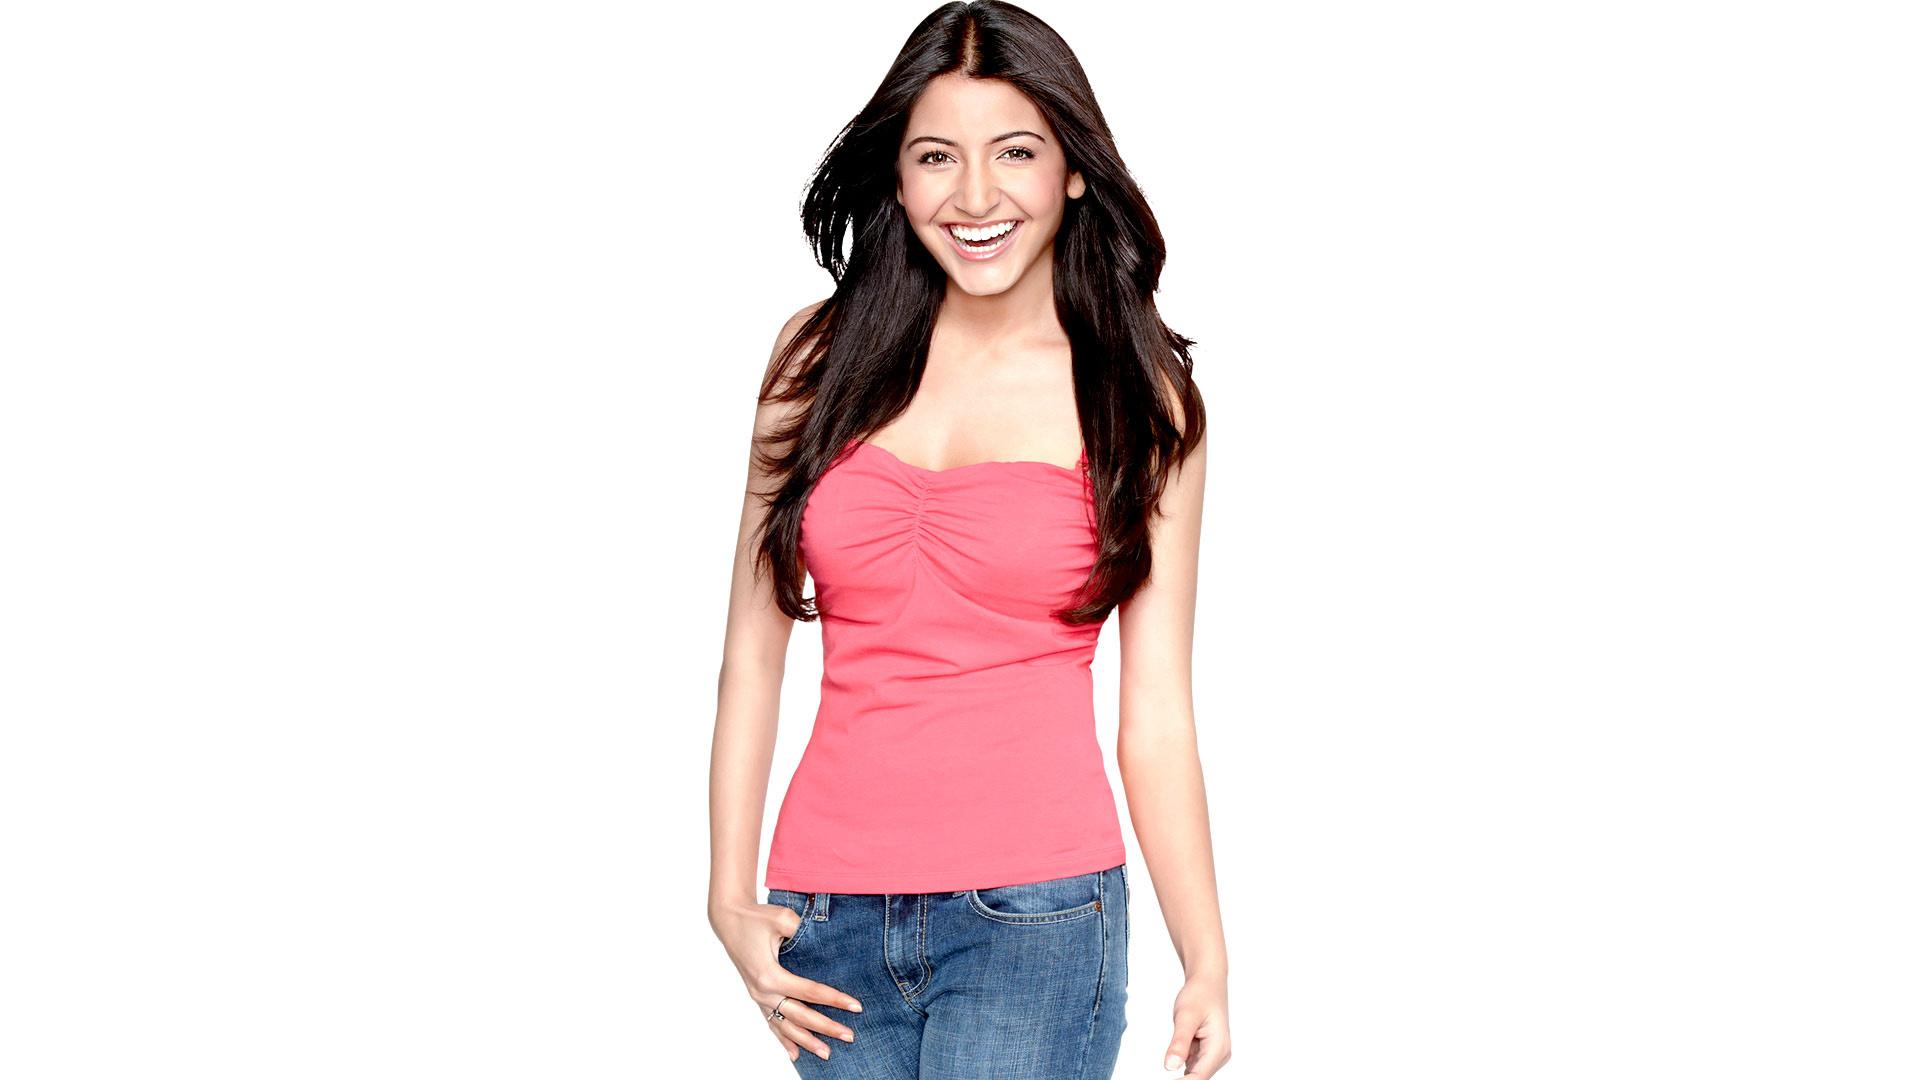 Anushka sharma pink dress wallpaper